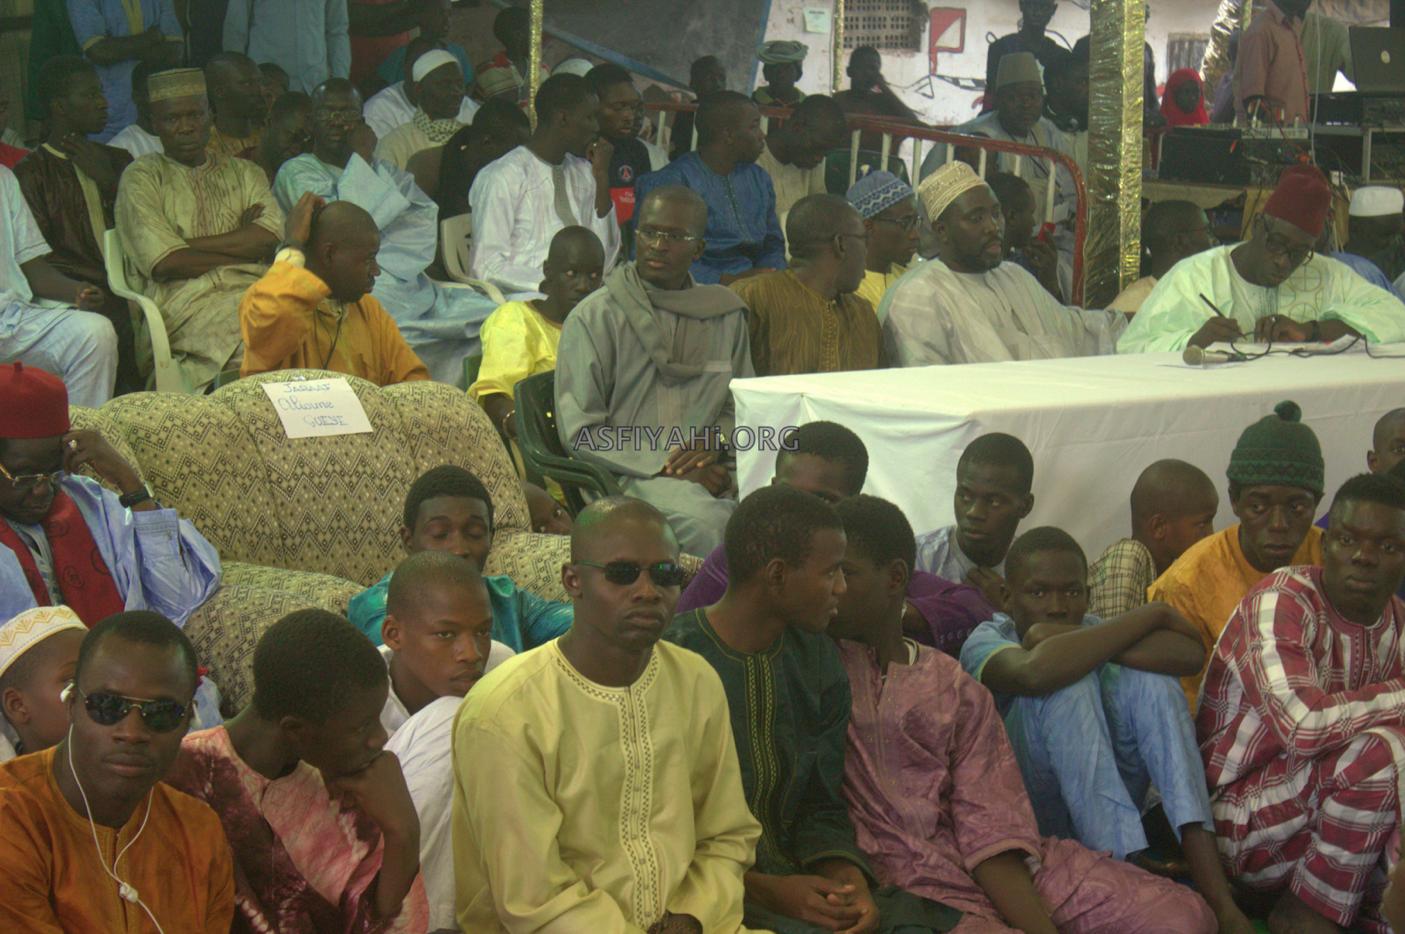 PHOTOS: Les Images de la journée de Priéres de la Famille de Mame Mbaye Diop de Ouakam , l'un des premiers Moukhadams de Seydil Hadj Malick Sy au Cap Vert